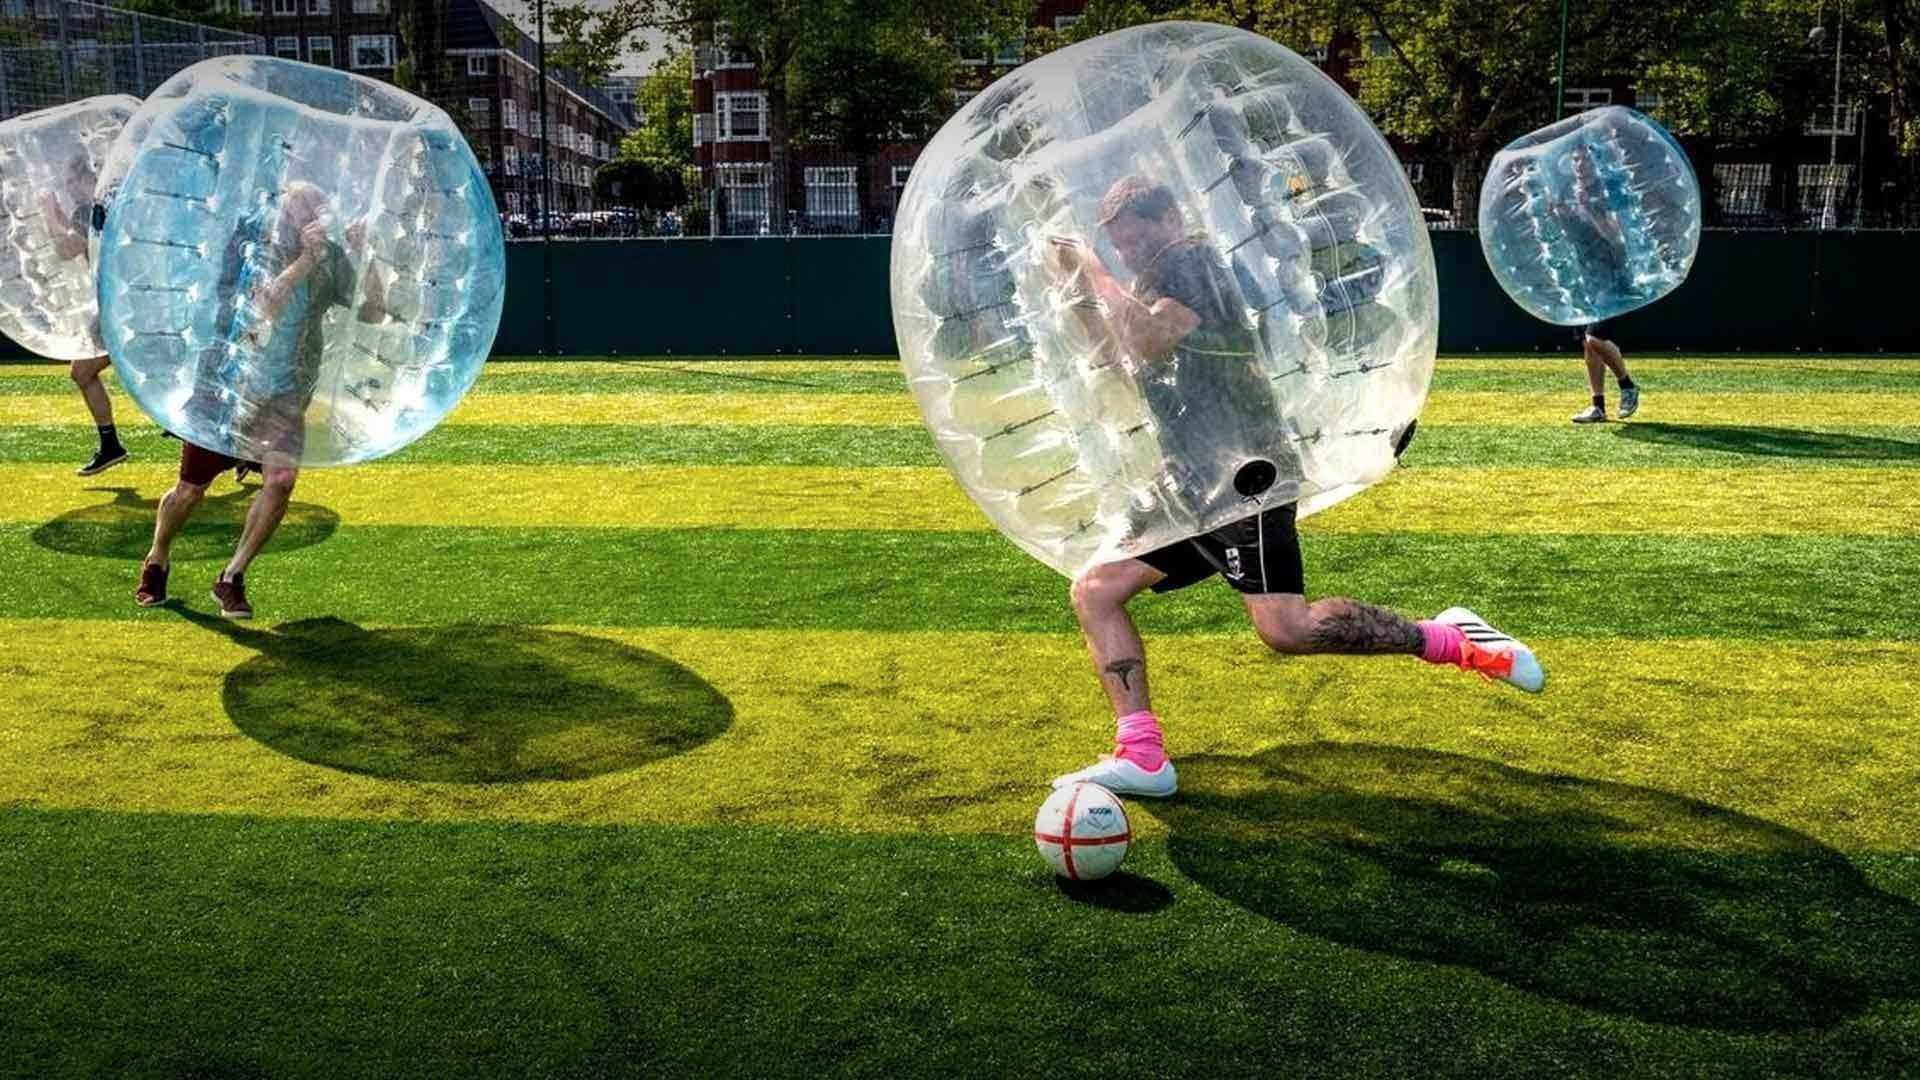 В Новороссийске впервые можно будет поиграть в бампербол. Автомобилистам просьба не беспокоиться!